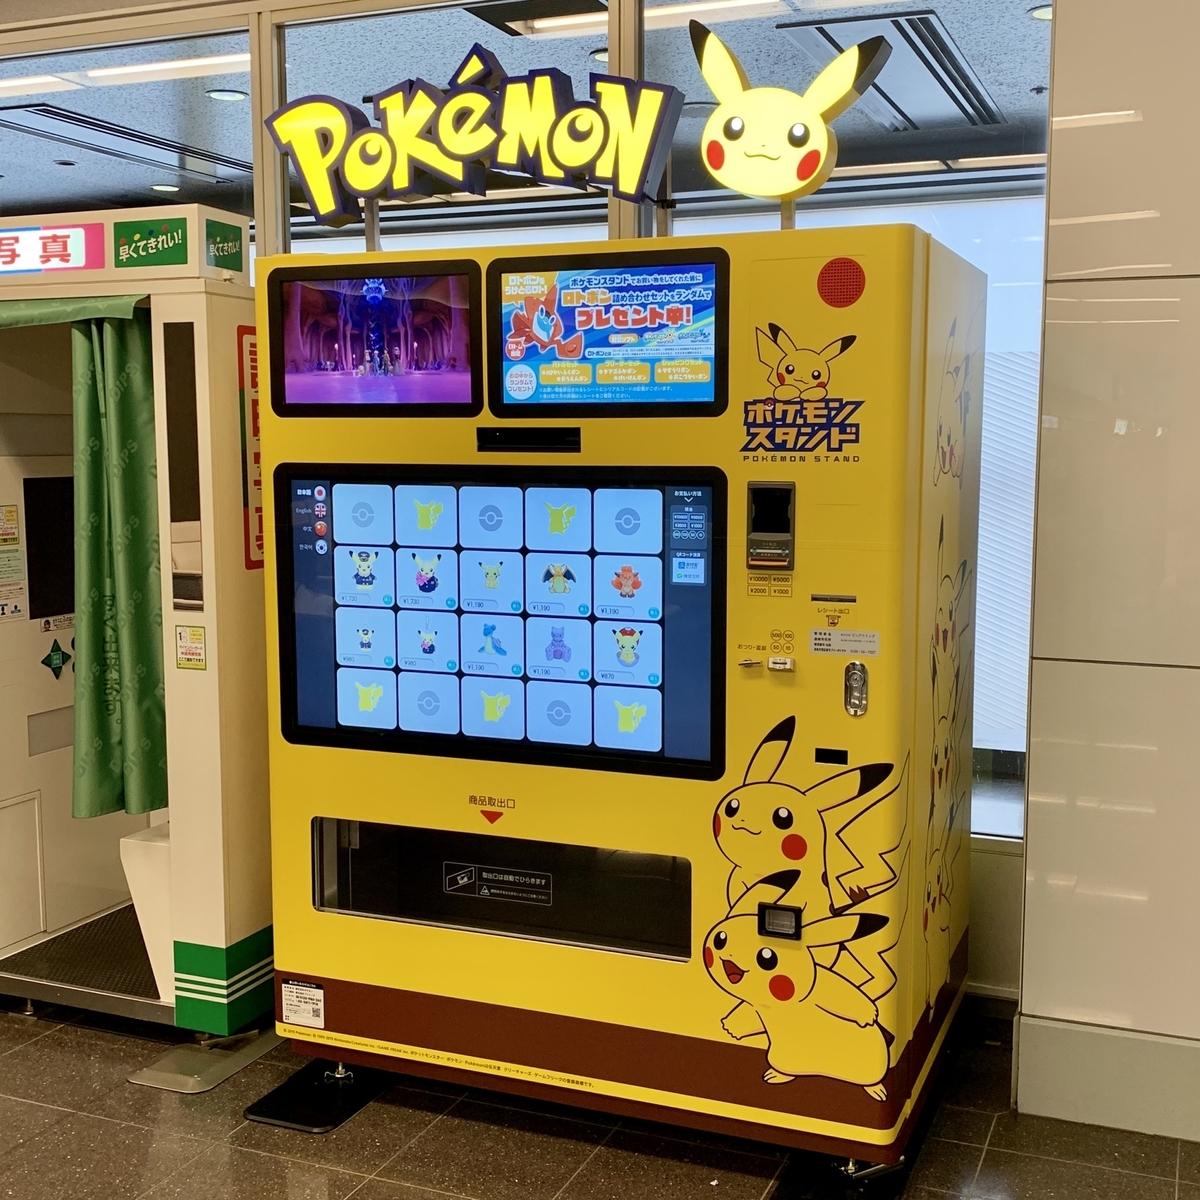 f:id:pikachu_pcn:20190406195904j:plain